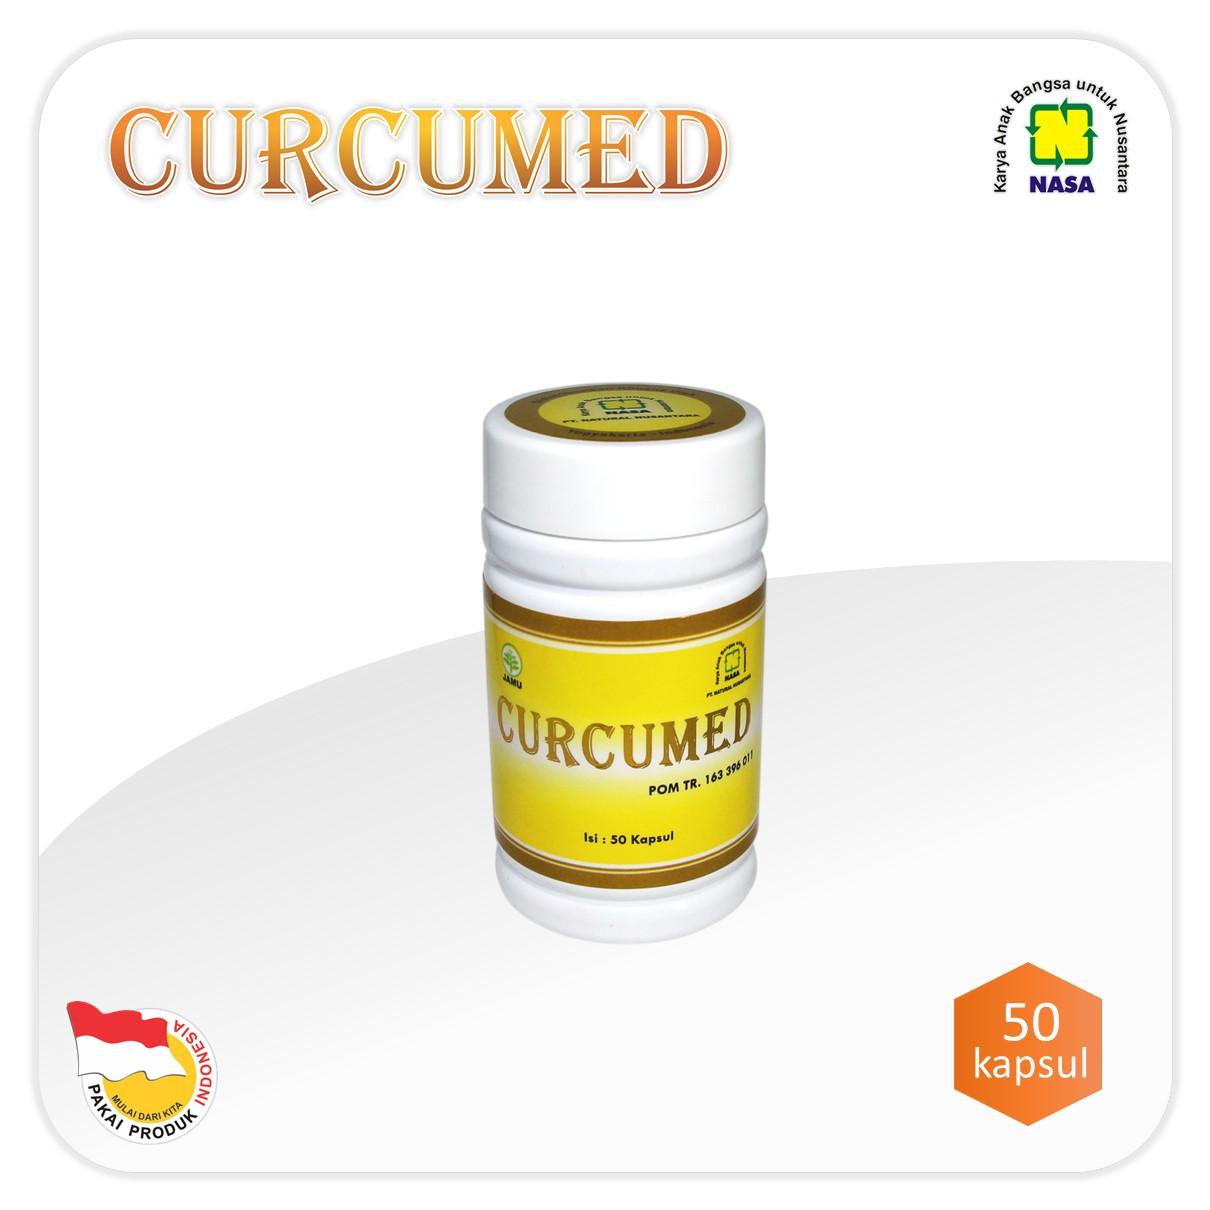 Curcumed Nasa herbal untuk kanker